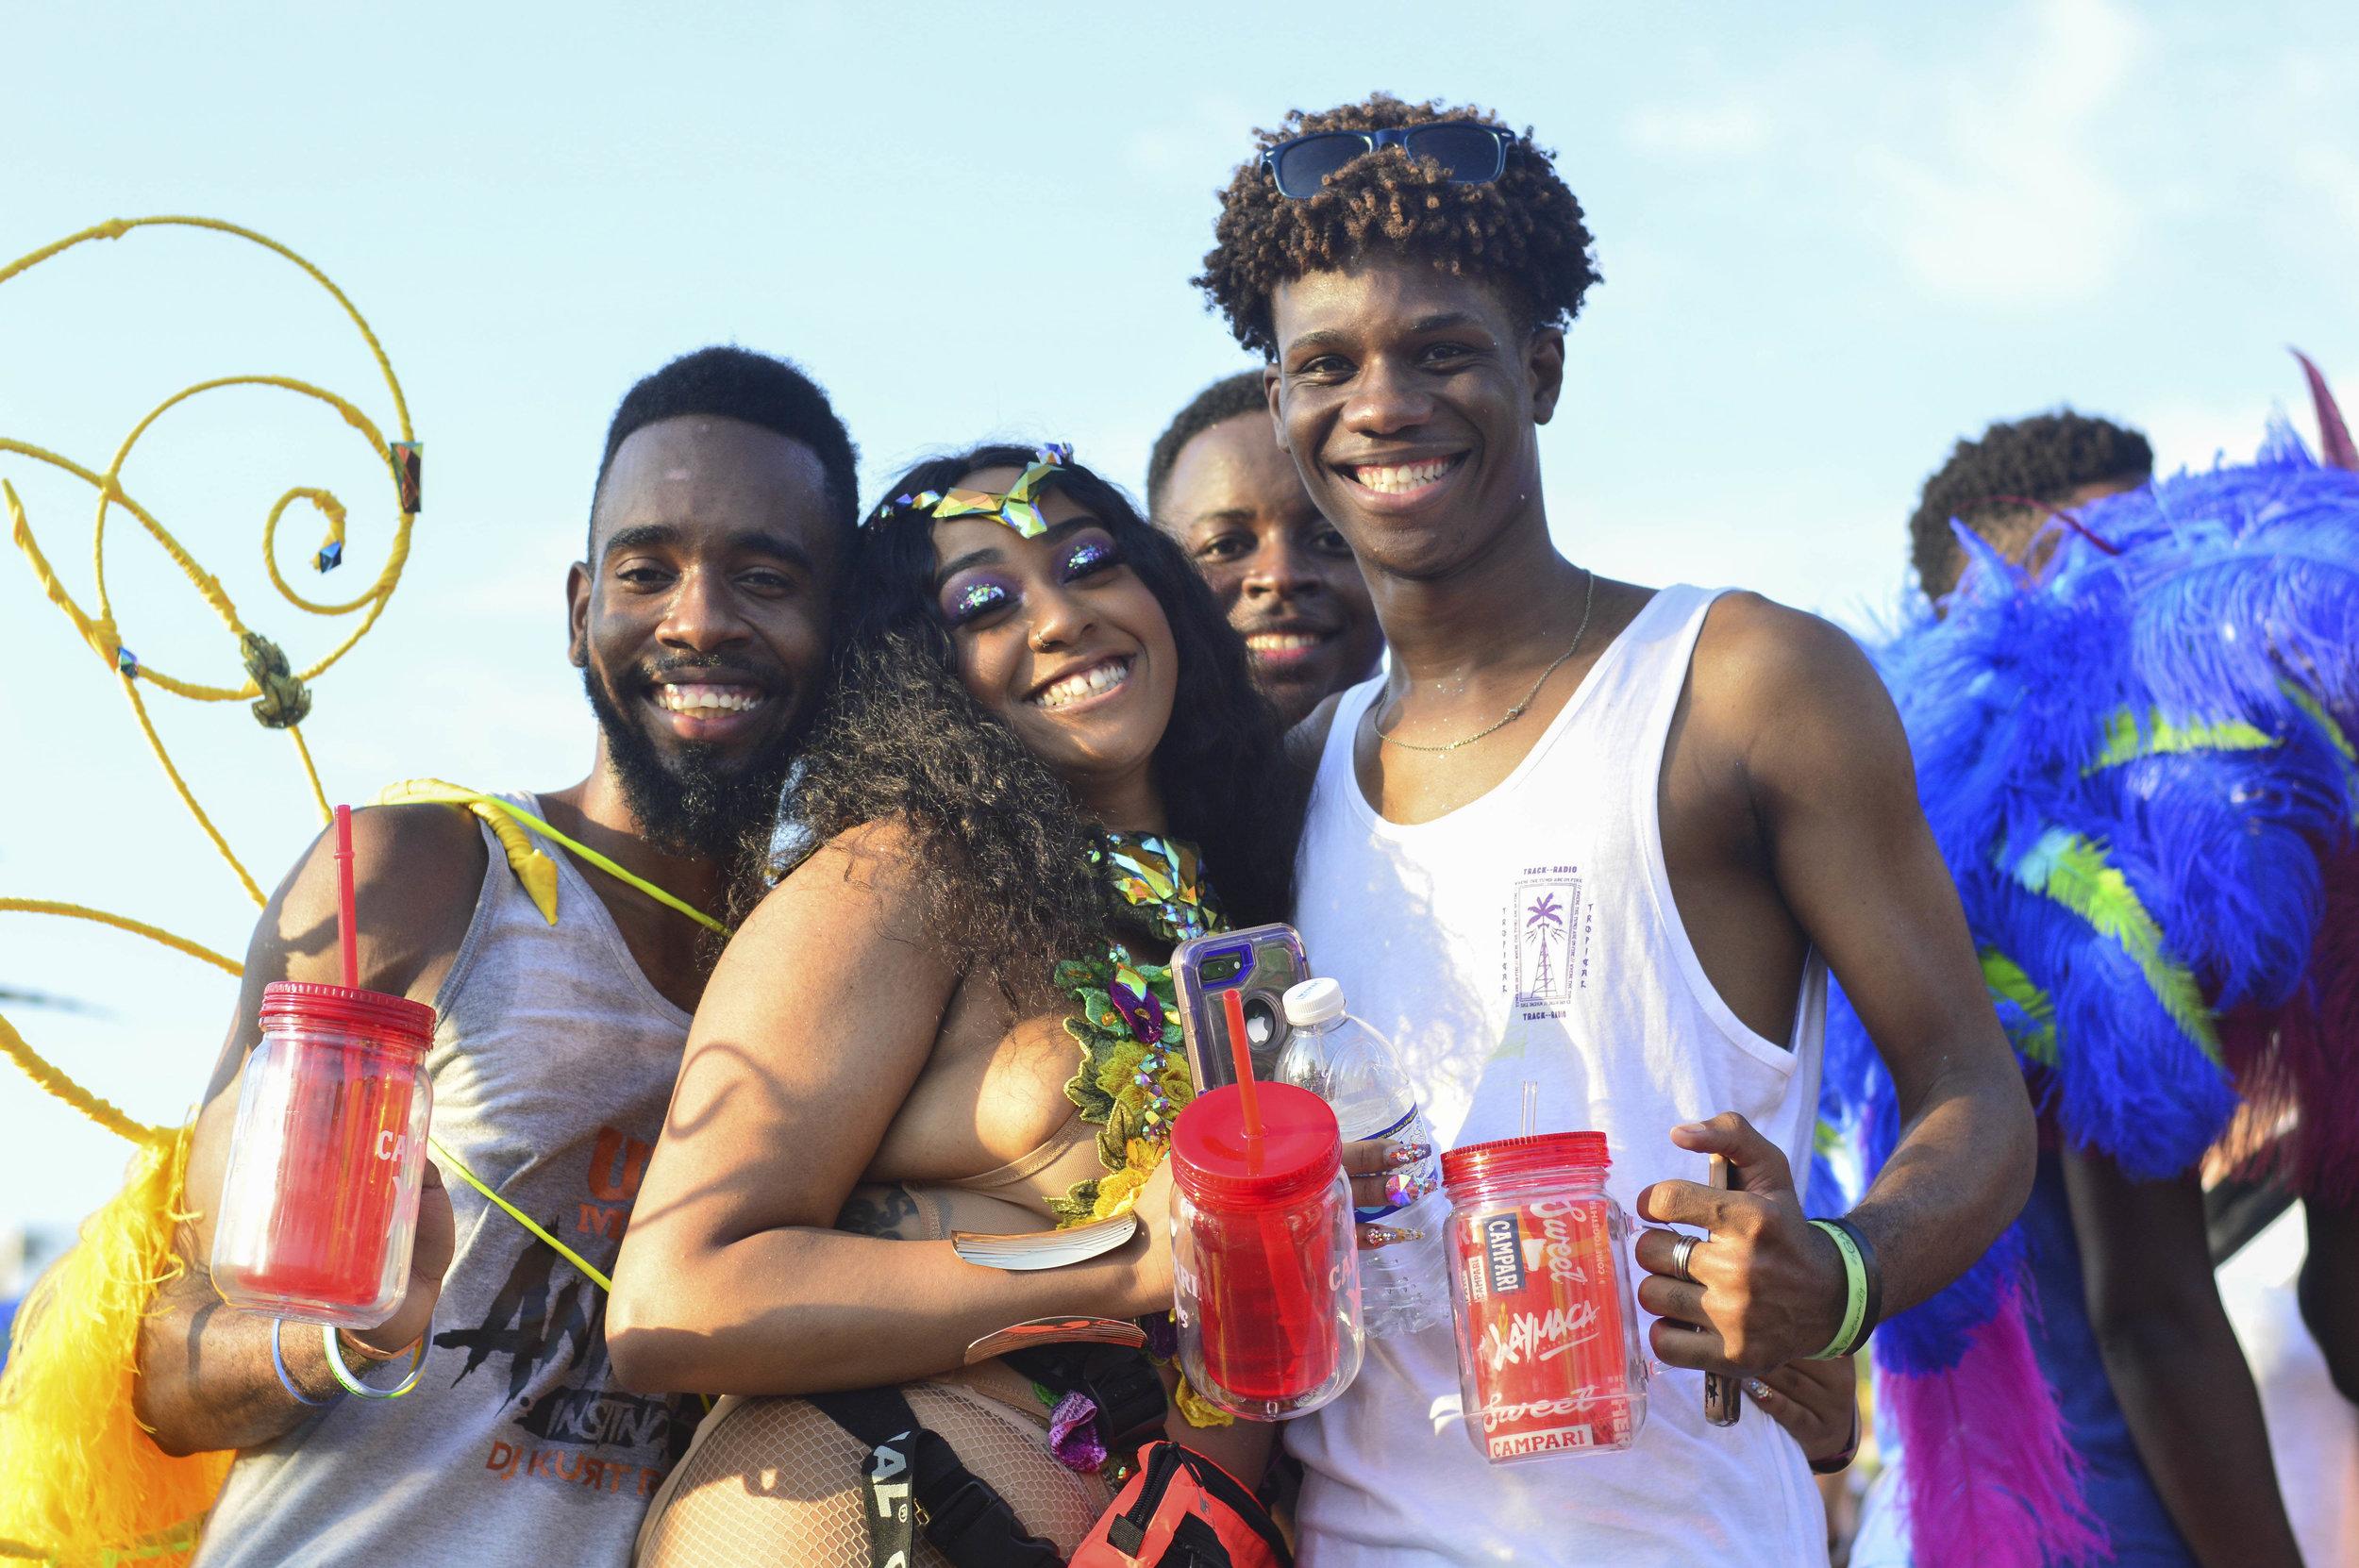 carnival2019_jeanalindo-13.jpg